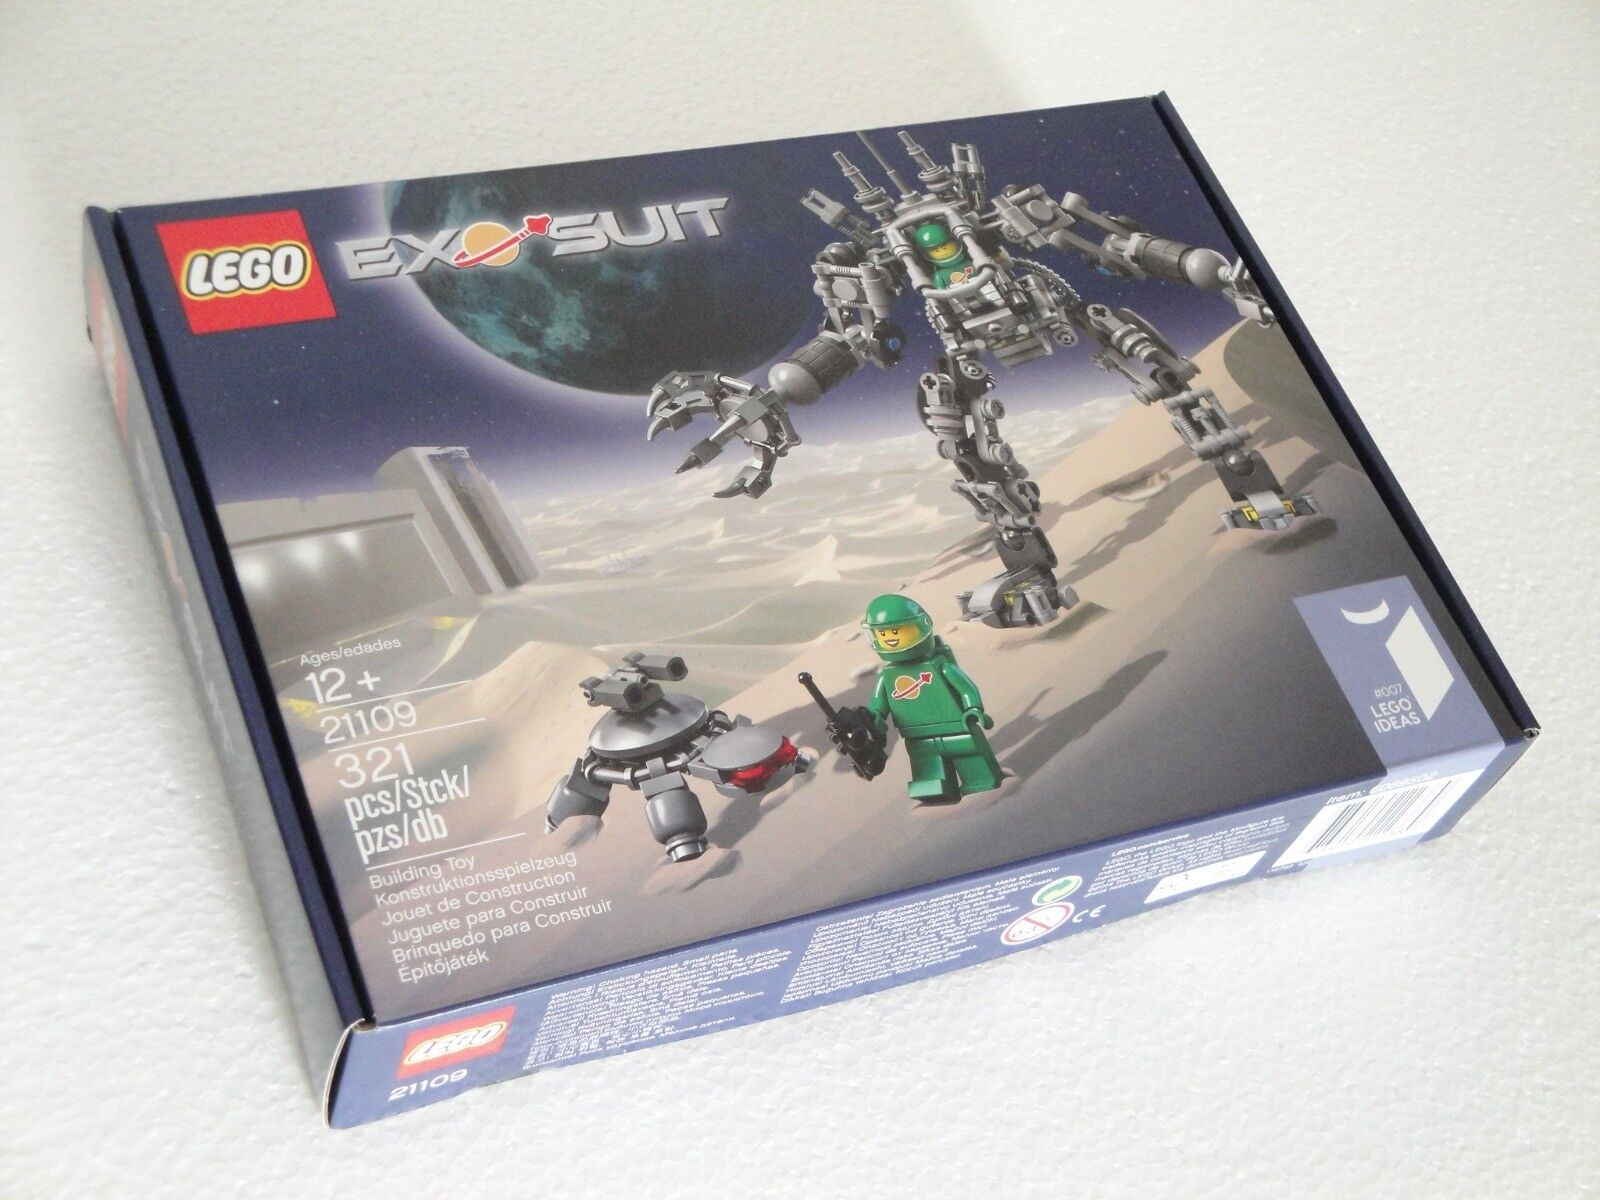 LEGO IDEAS 21109 EXOSUIT SET NUOVO SIGILLATO FUORI PRODUZIONE ULTIMO DISPONIBILE